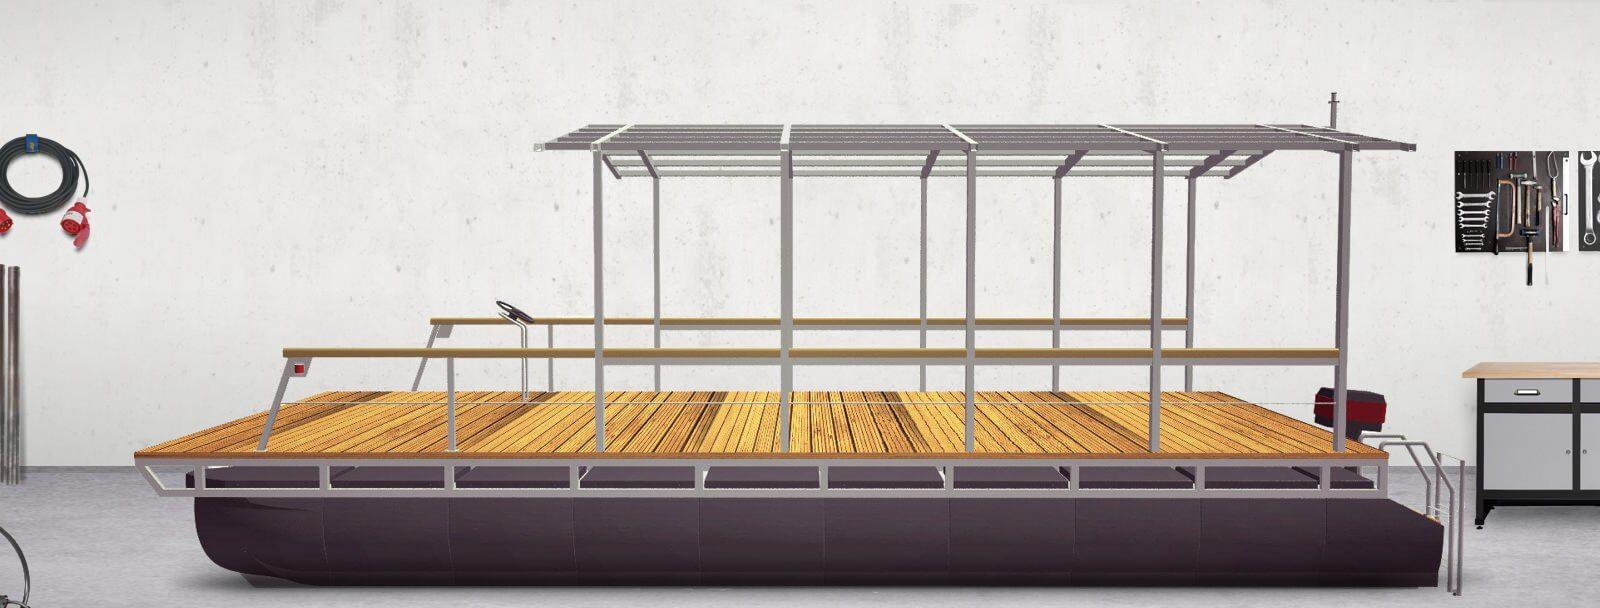 Pontonplattform mit Dachgerüst